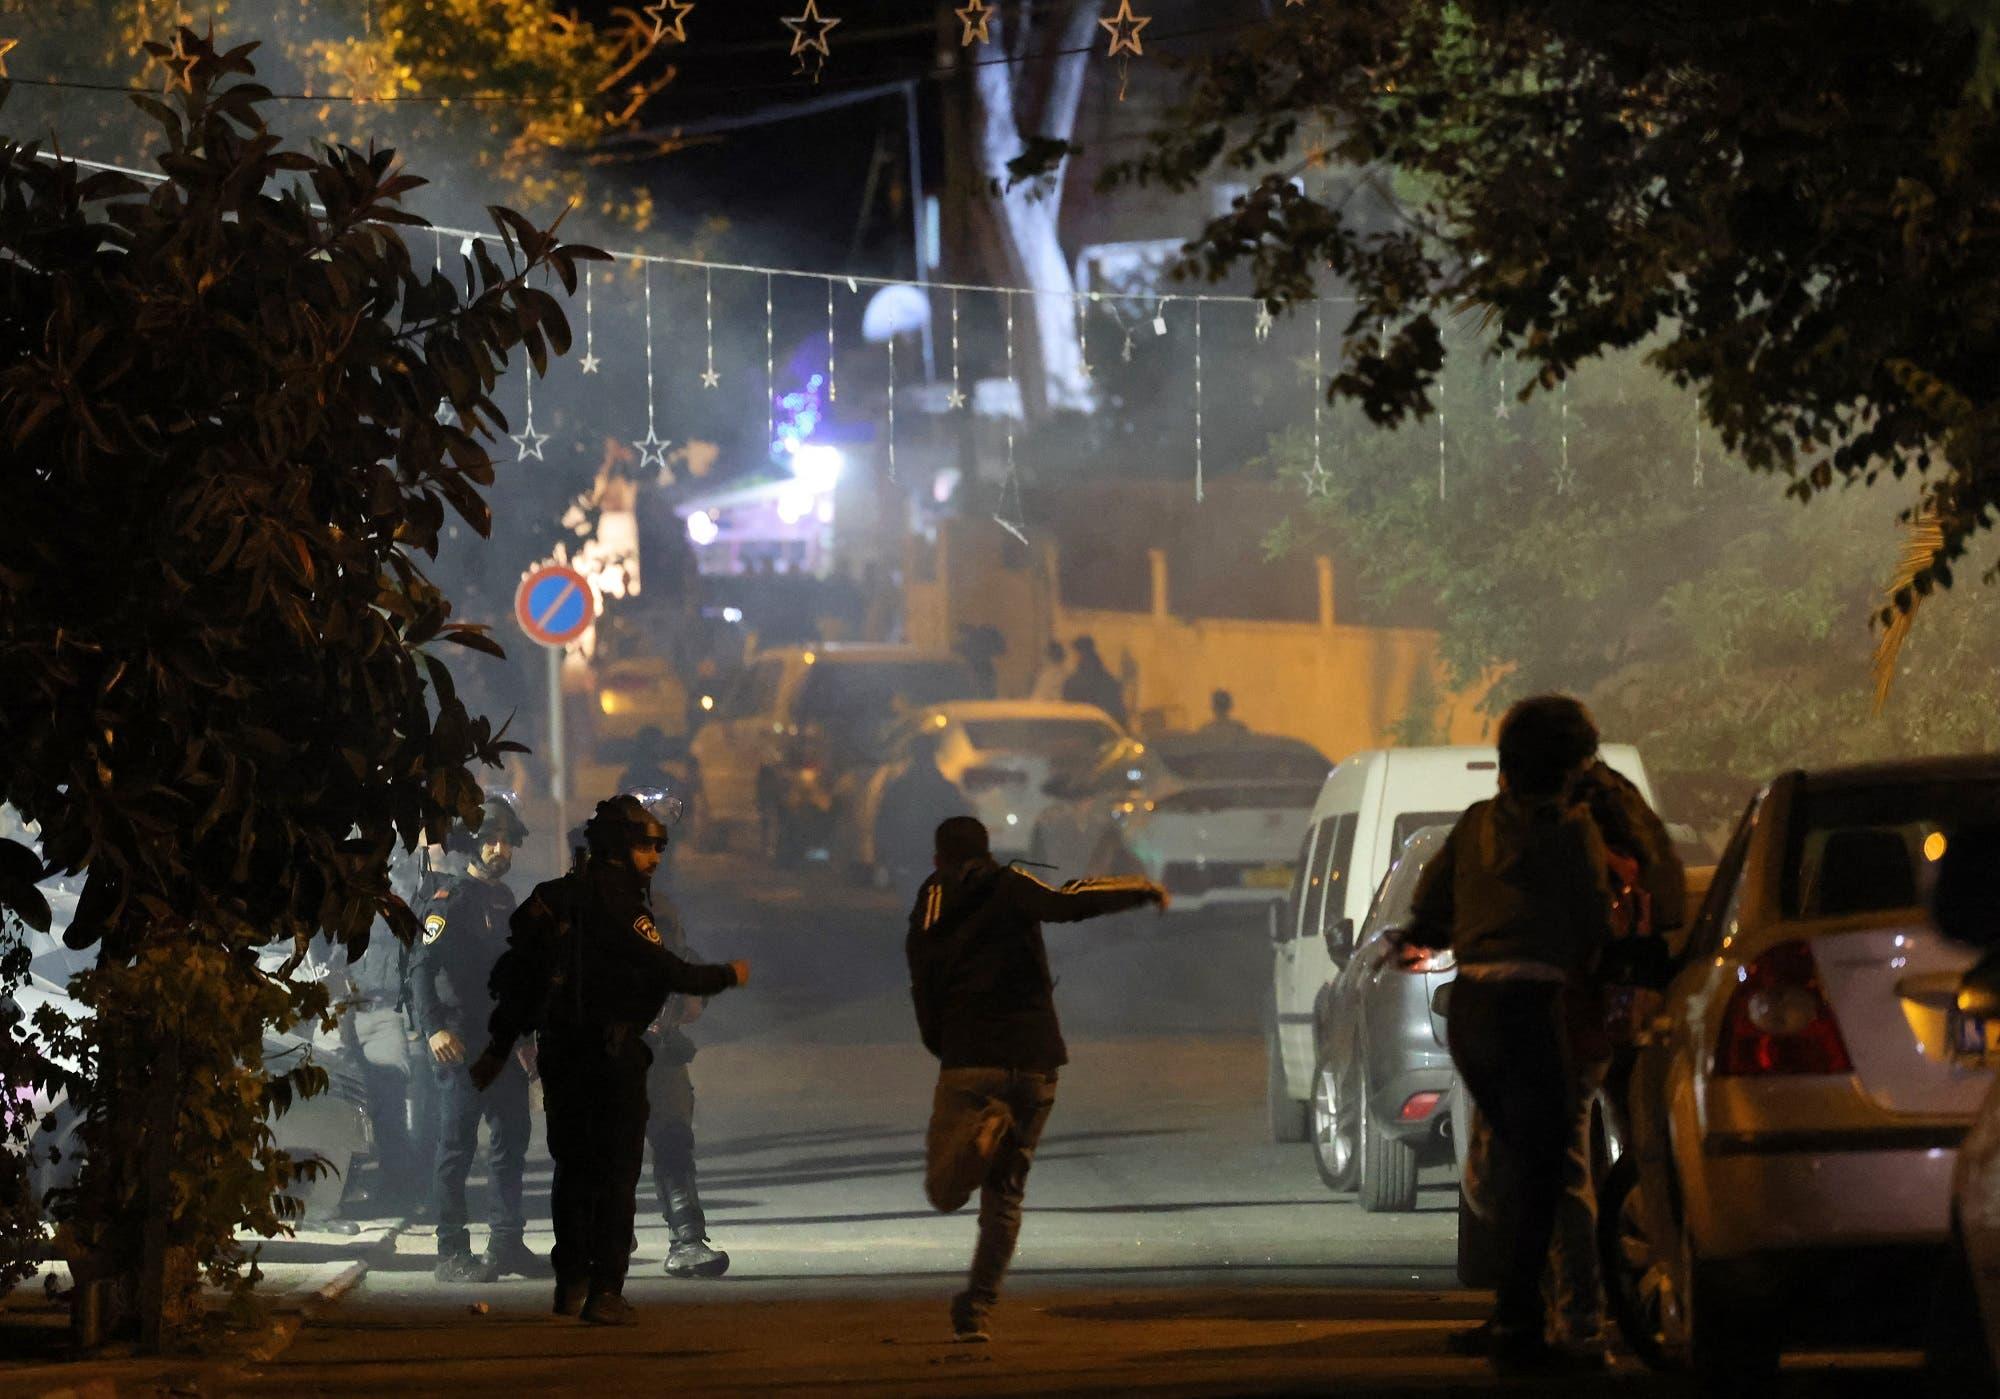 متظاهرون فلسطينيون يشتبكون مع الشرطة الإسرائيلية في الشيخ جراح بالقدس الشرقية (فرانس برس)